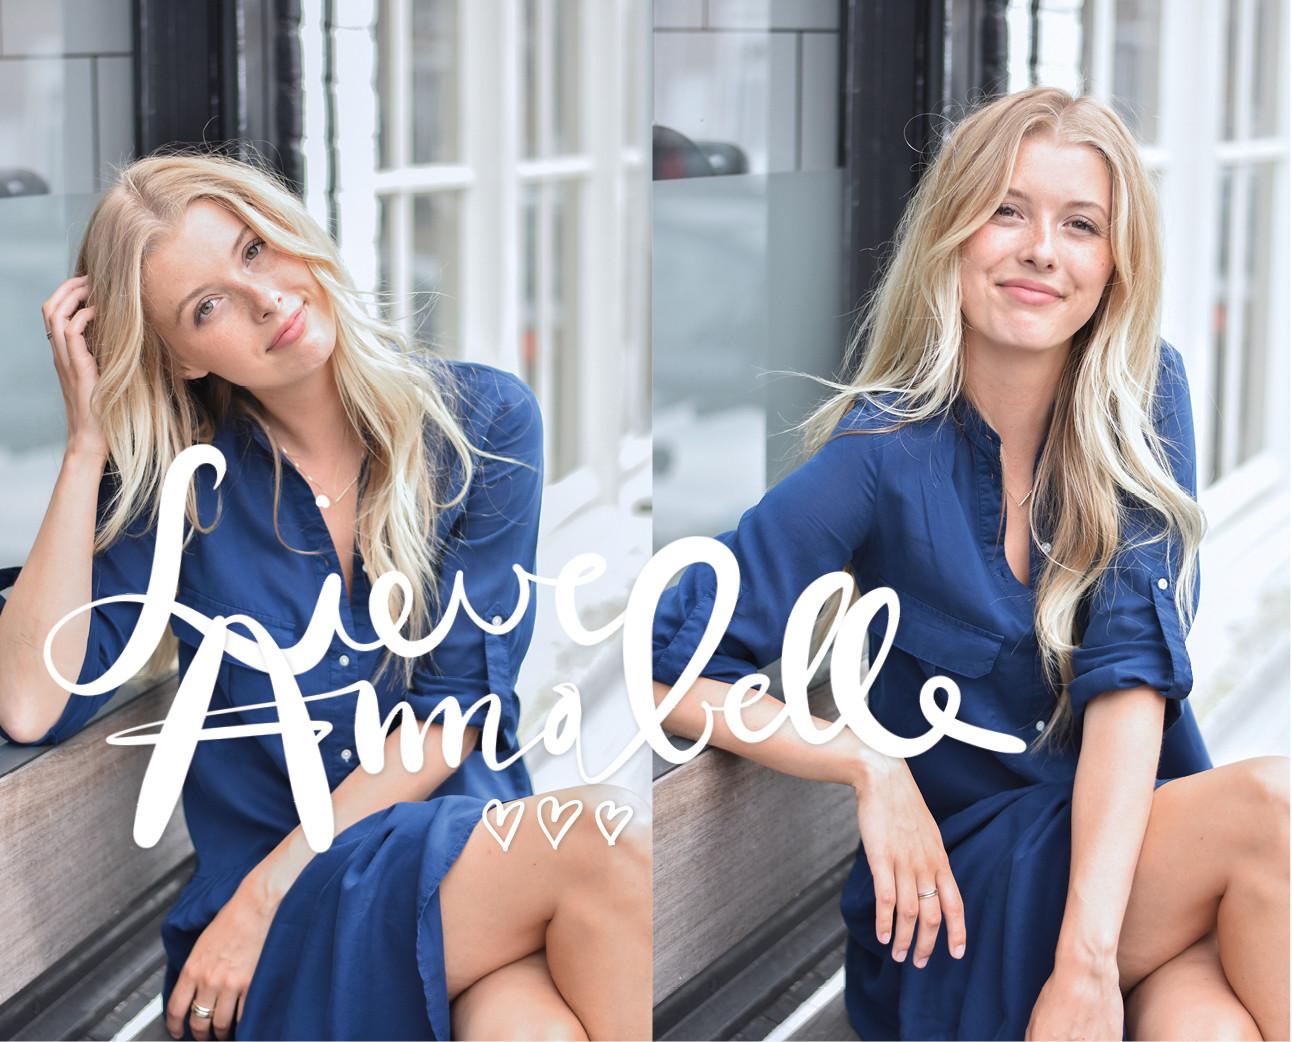 annabelle lachend op straat in een zomers jurkje